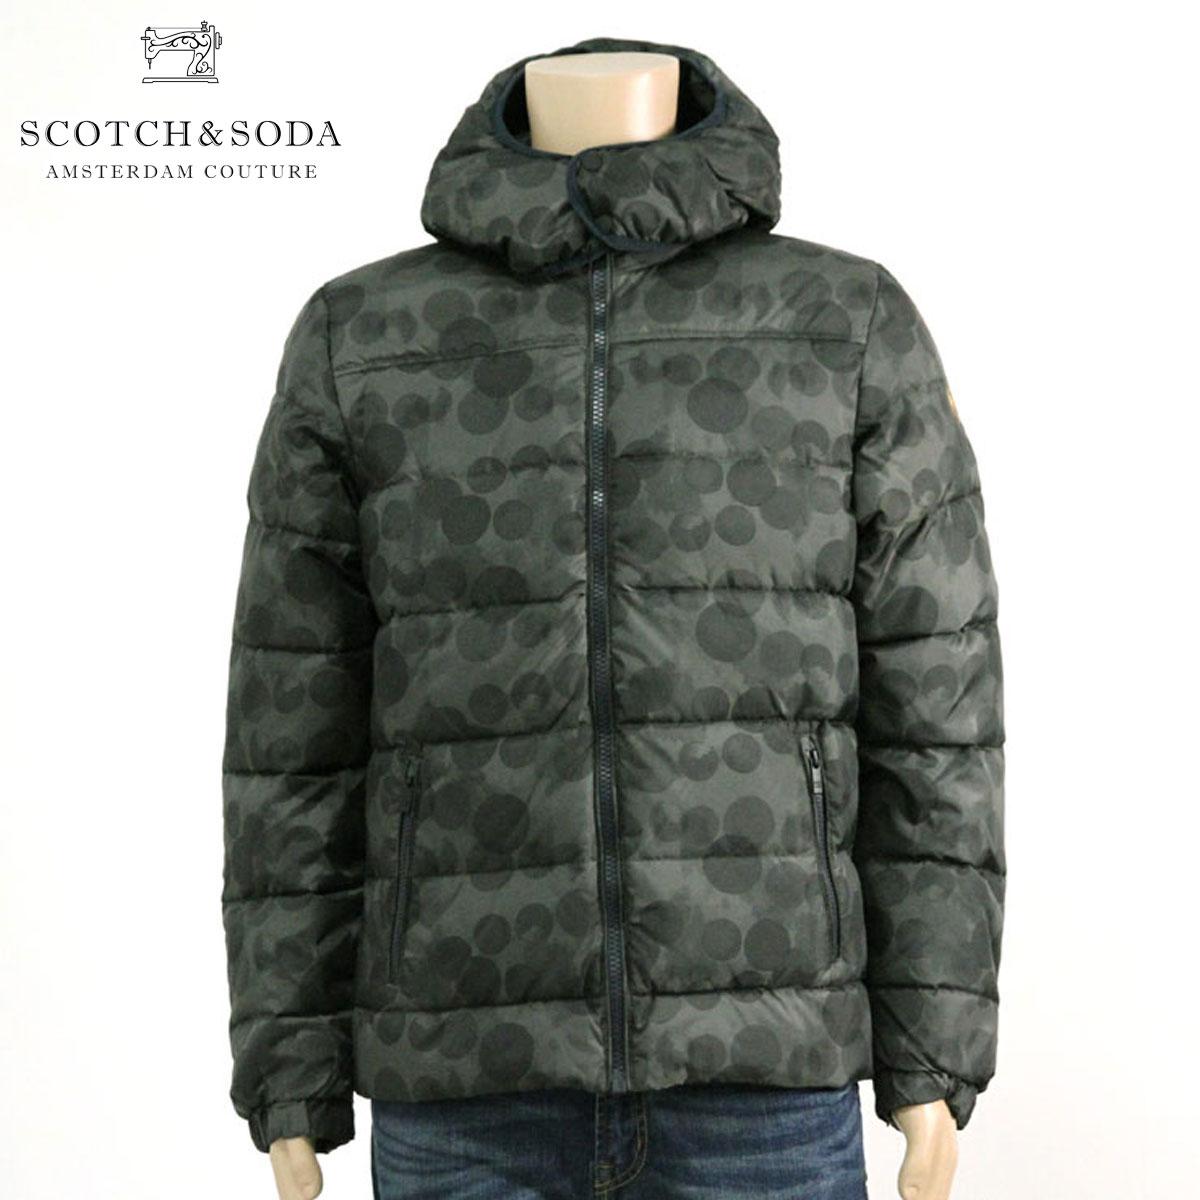 スコッチアンドソーダ SCOTCH&SODA 正規販売店 メンズ アウタージャケット SHORT DOWN JACKET WITH HOOD 10045 A D15S25